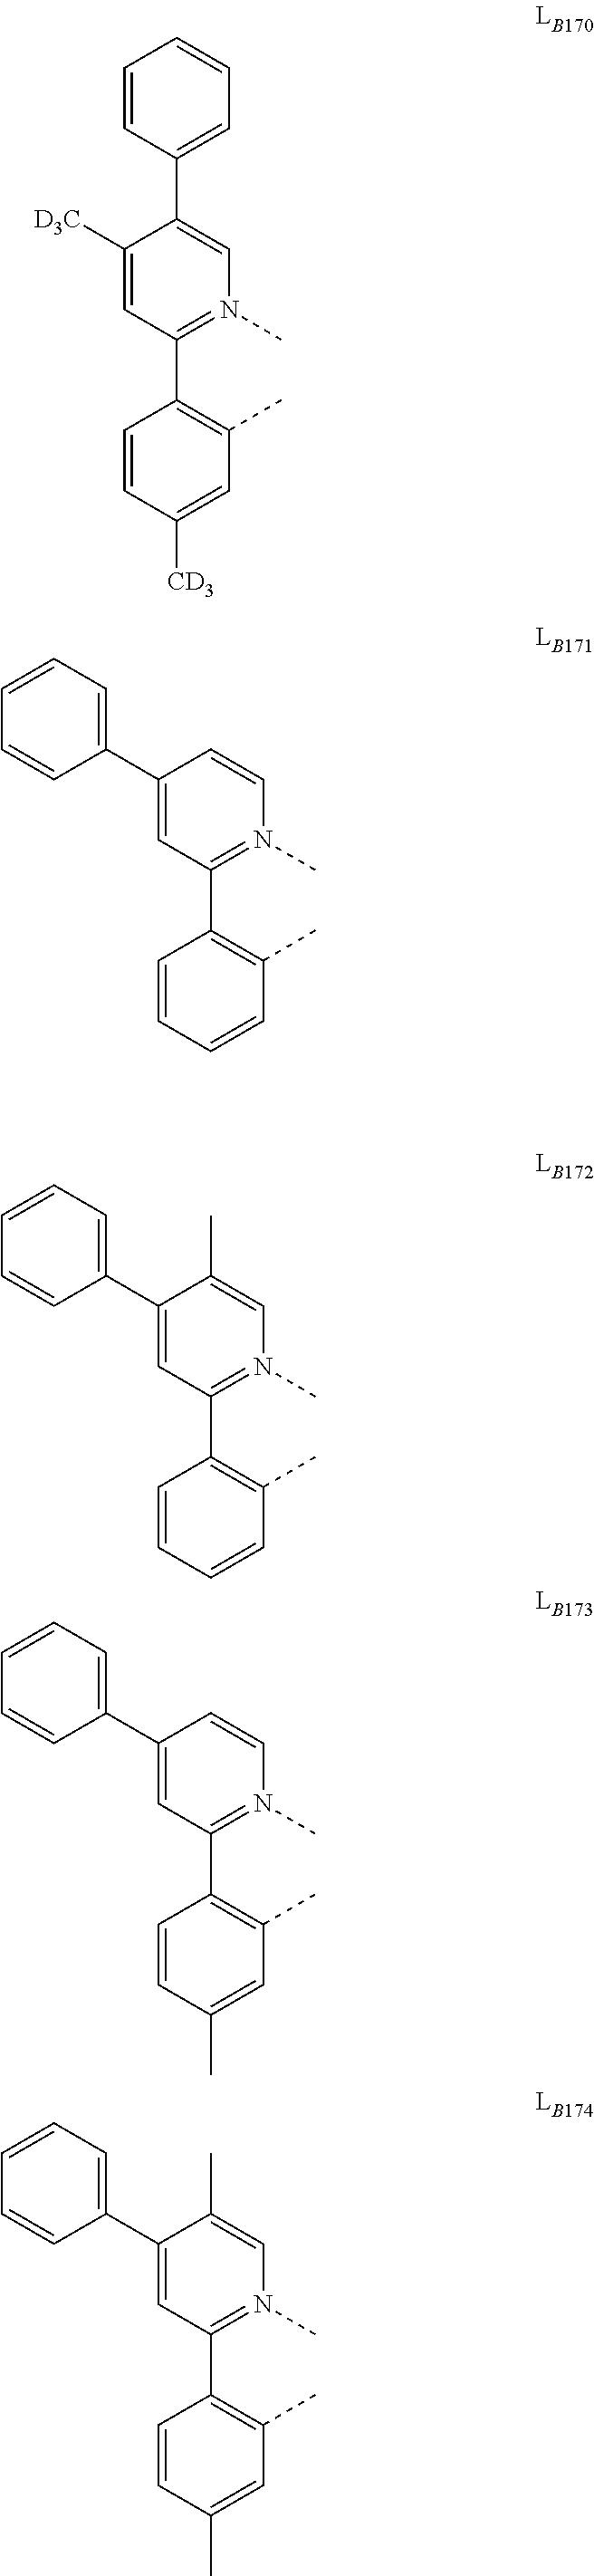 Figure US09929360-20180327-C00251